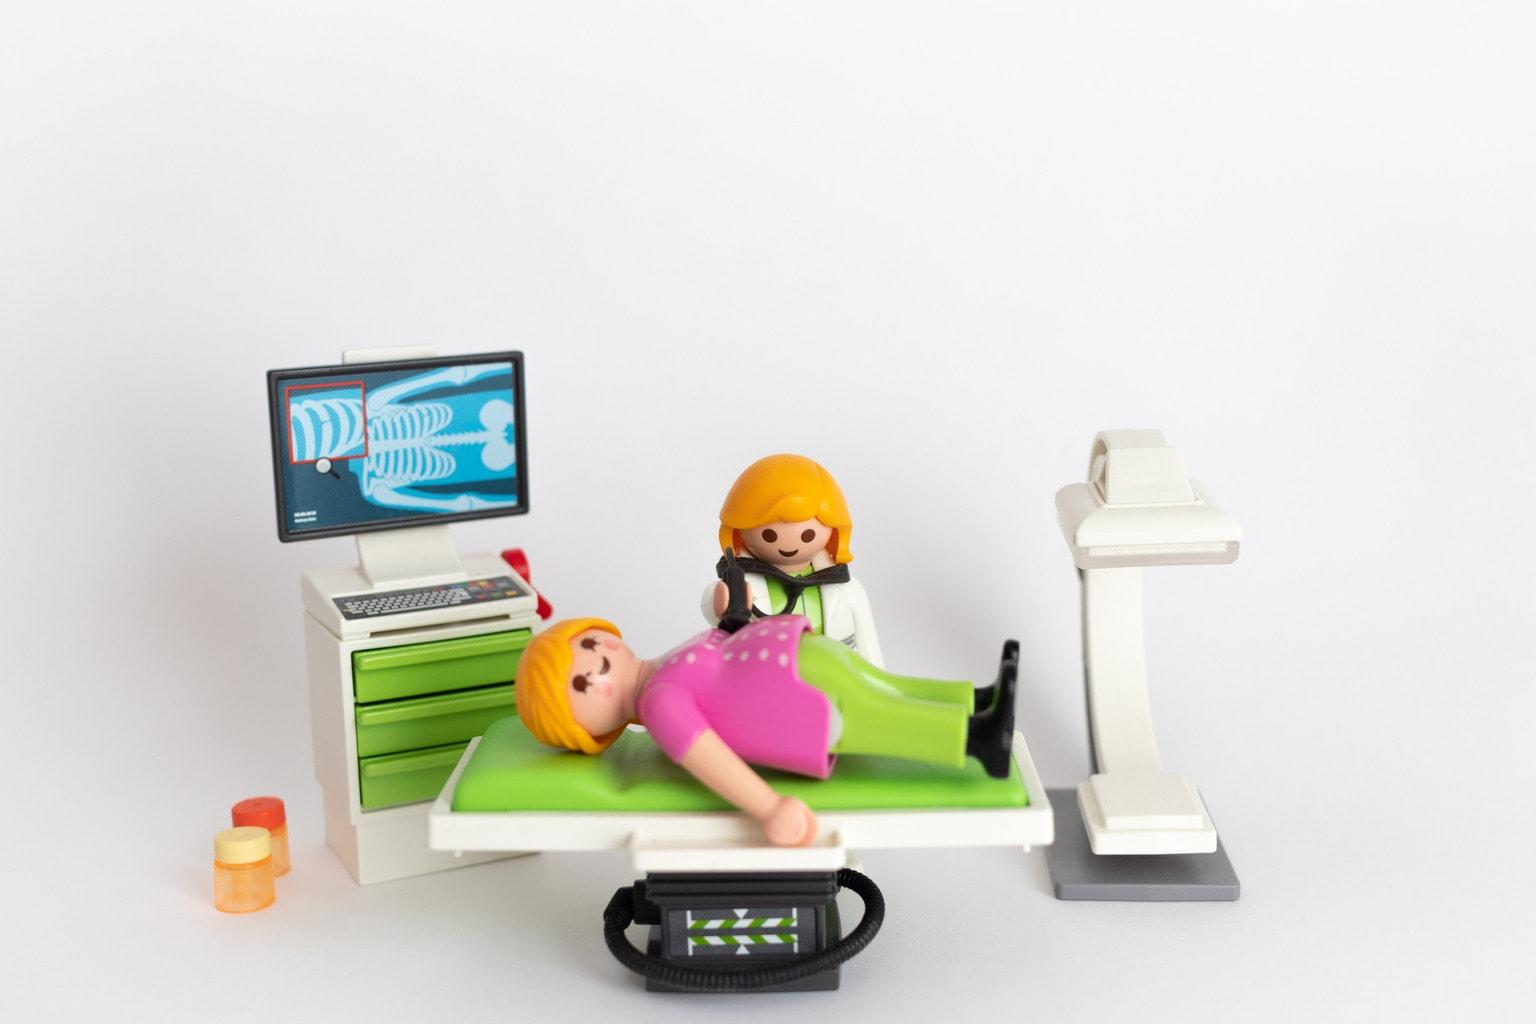 Muñecos Playmobil con fondo infinito